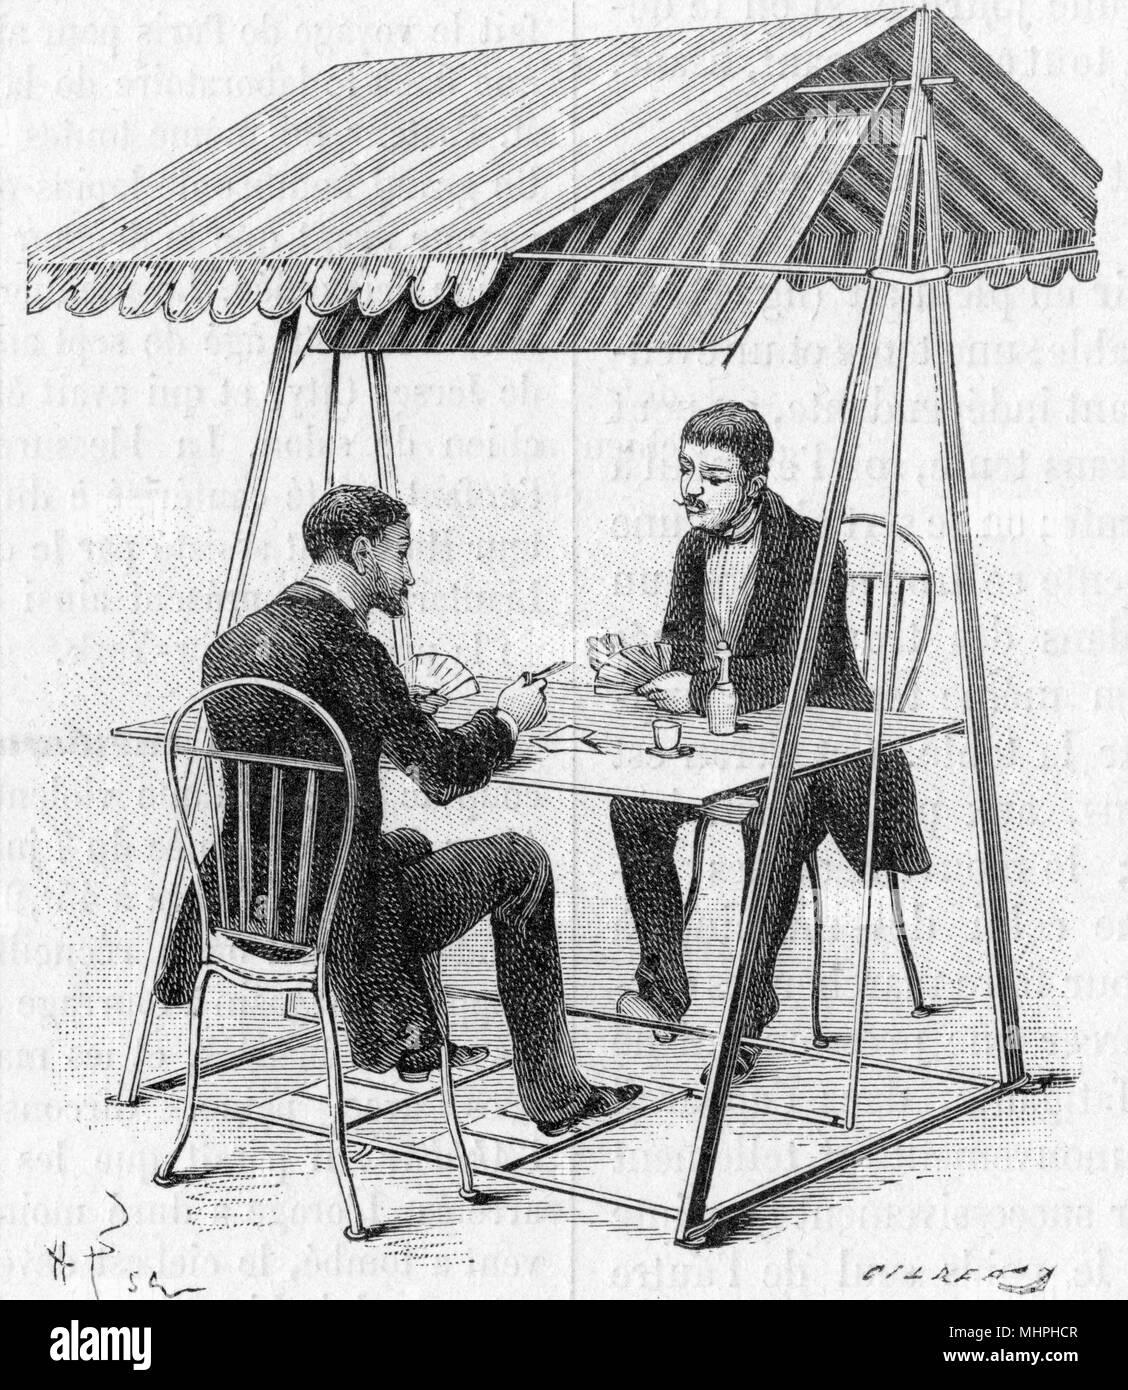 """Ein """"punkah"""" - Art der Ventilator zur Kühlung bei warmem Wetter oder Hitzewelle, bestehend aus einem großen Lüfter Klappe oben eine Tabelle mit den Fußschaltern betrieben. Perfekt für im freien Spiel der Karten! Datum: 1886 Stockbild"""